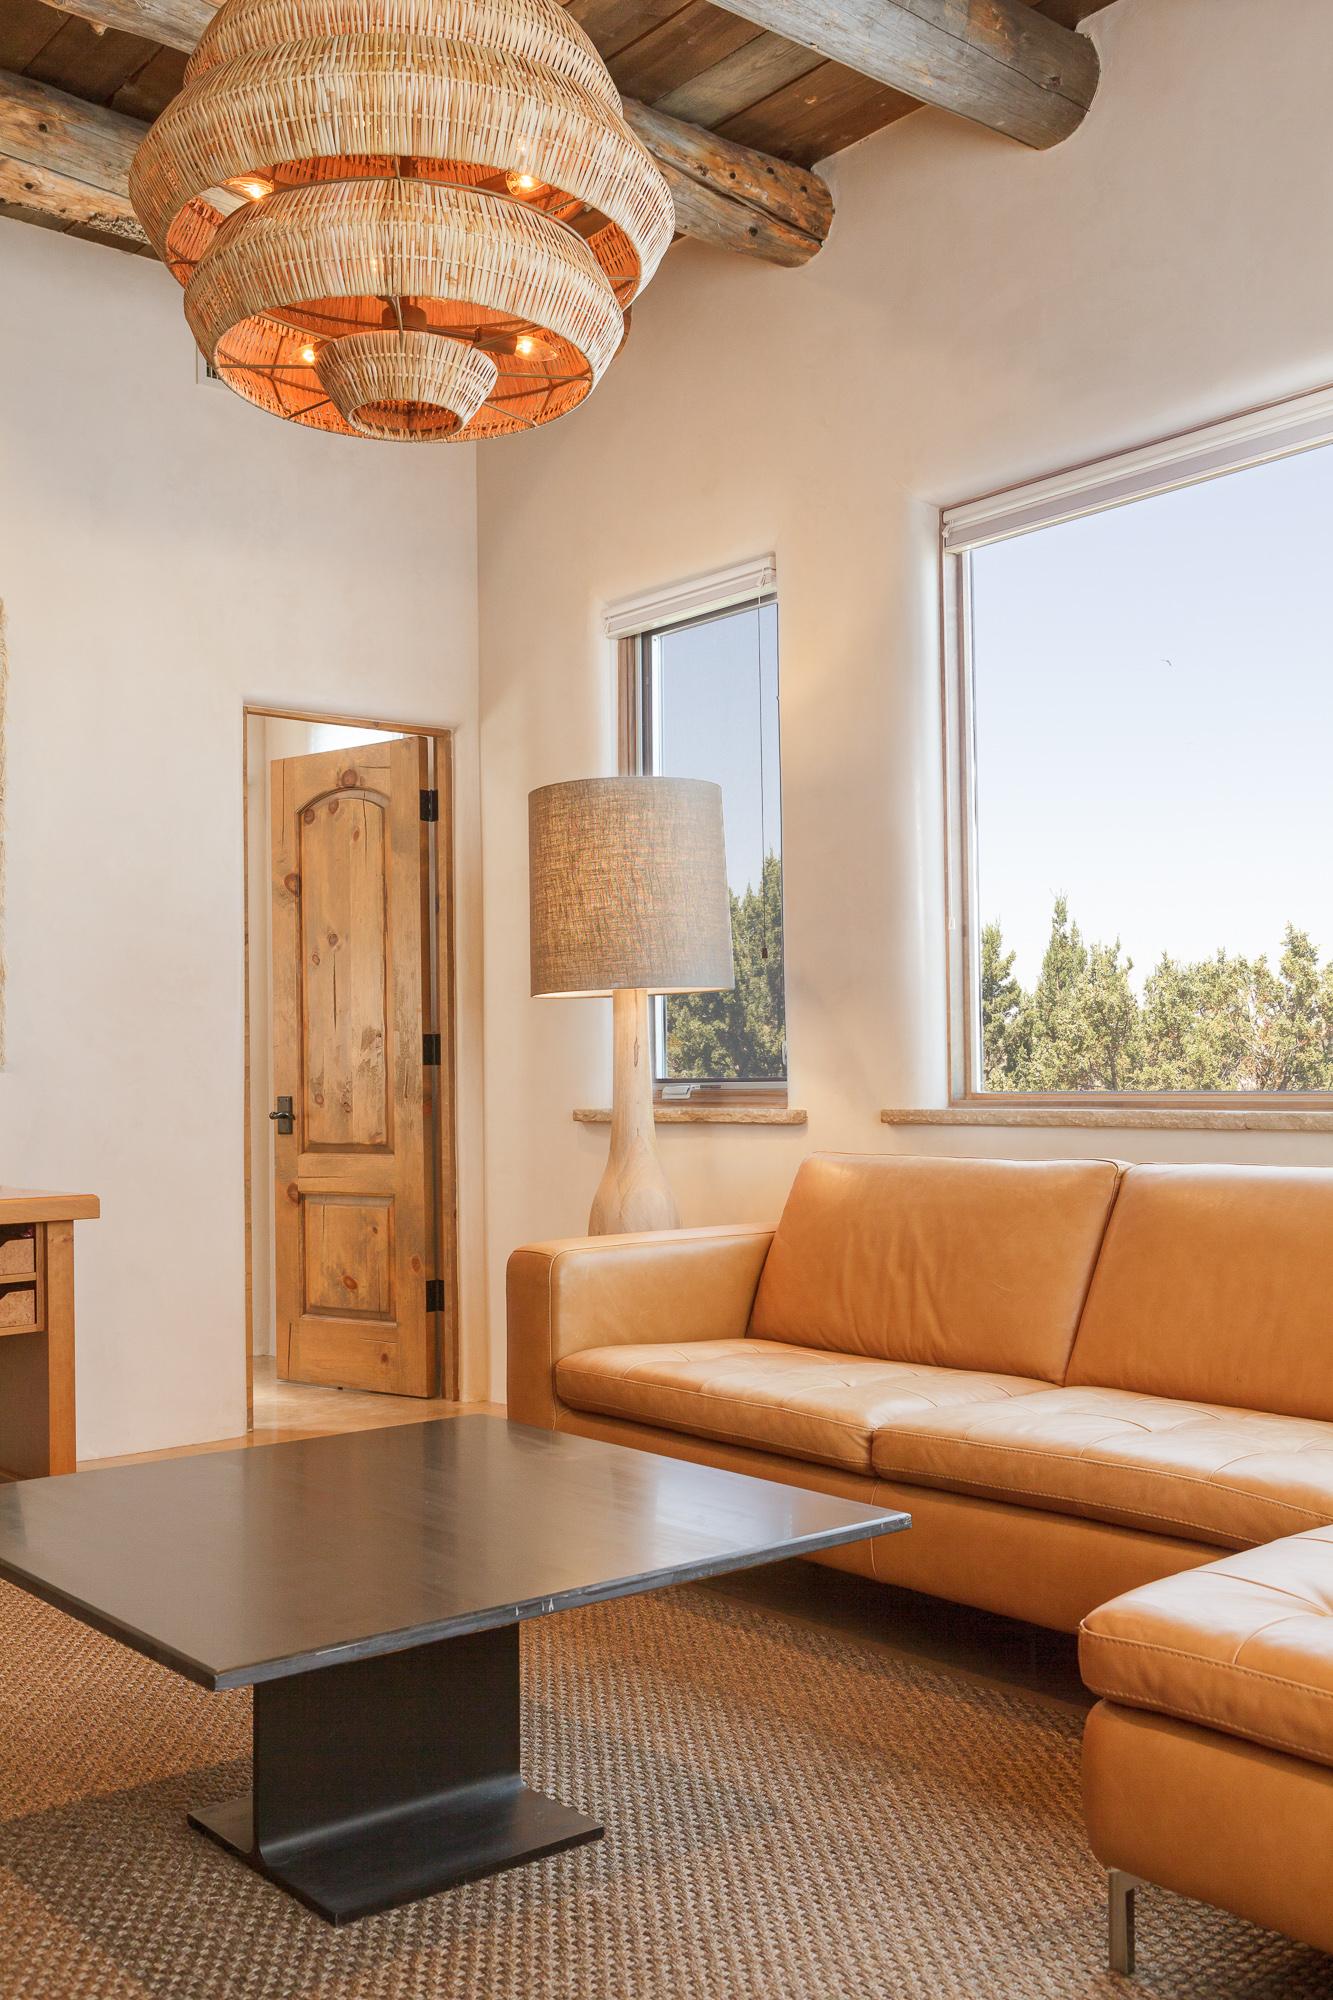 Santa Fe Modern Interior Design